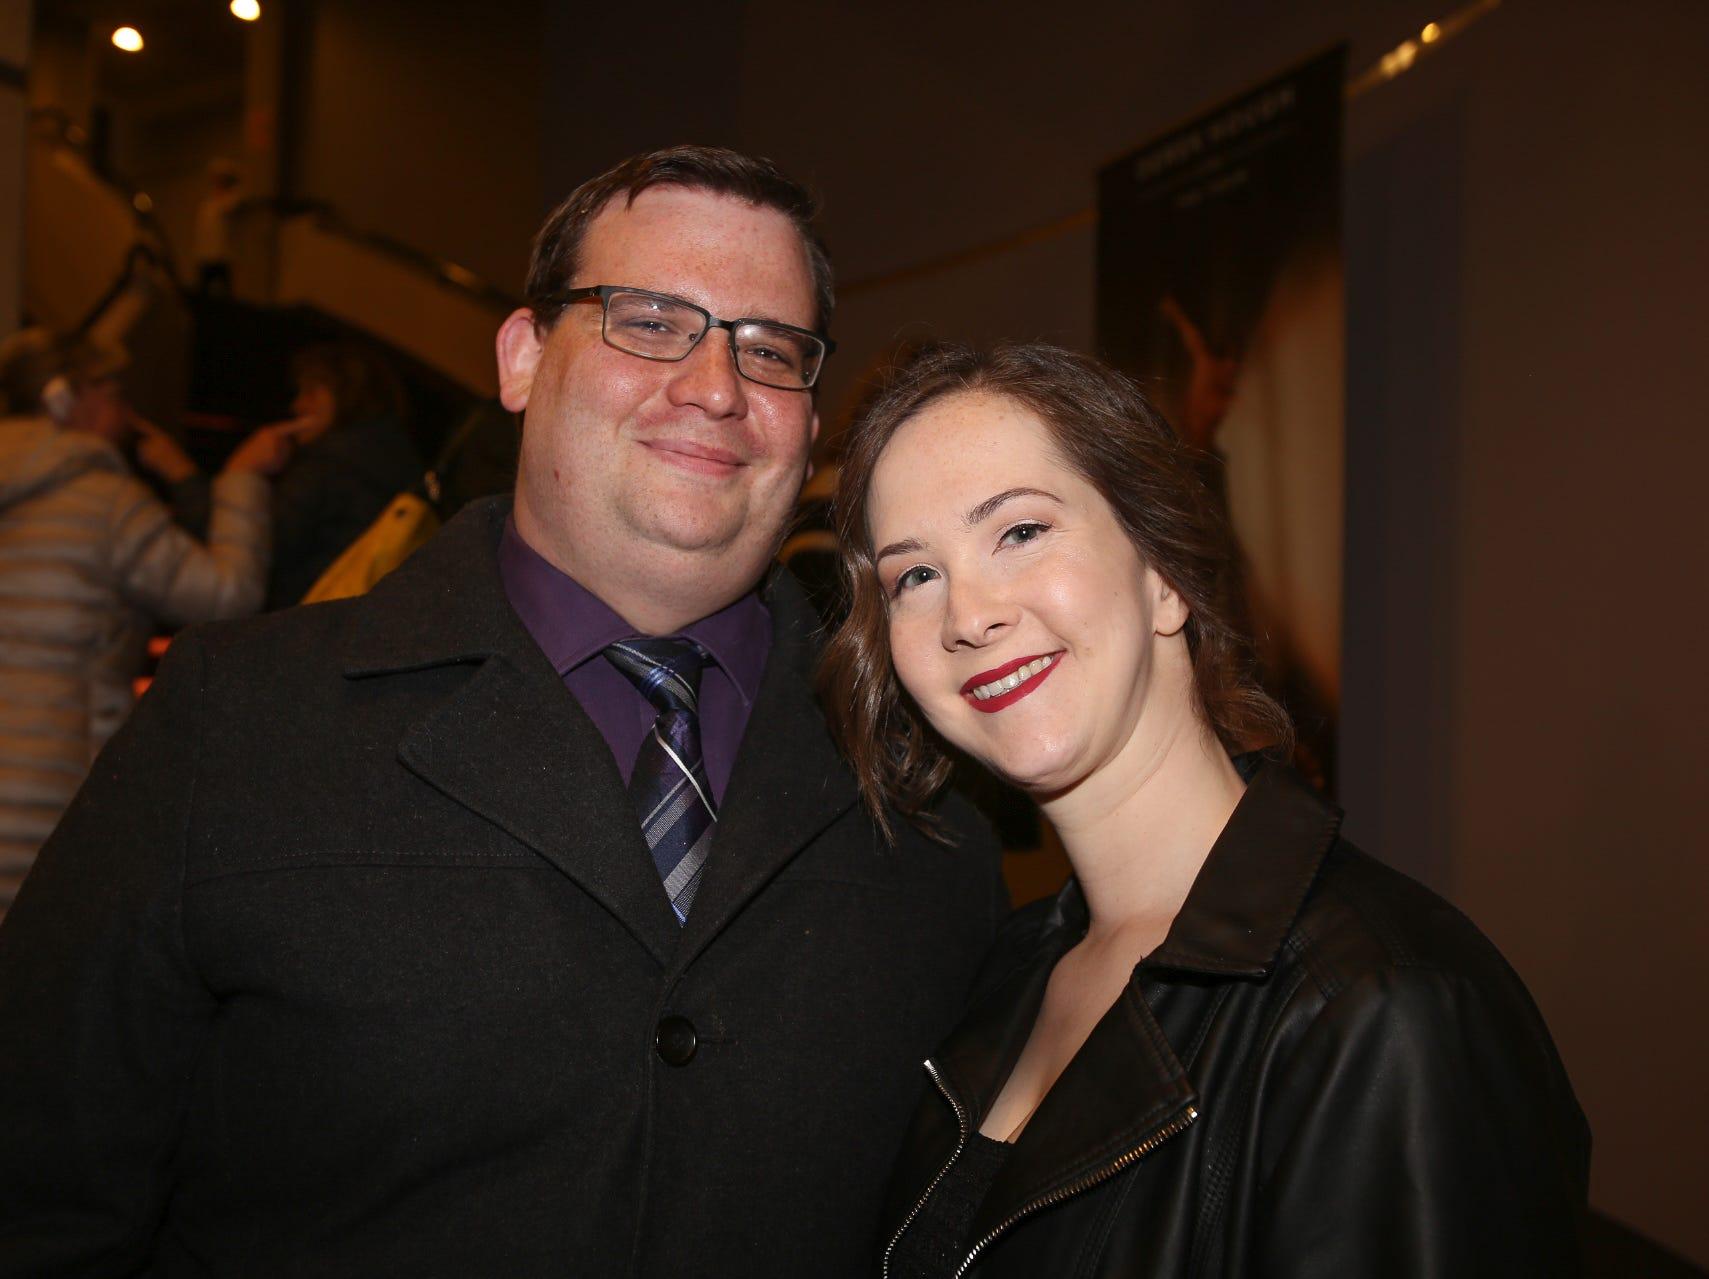 Jason and Whitney